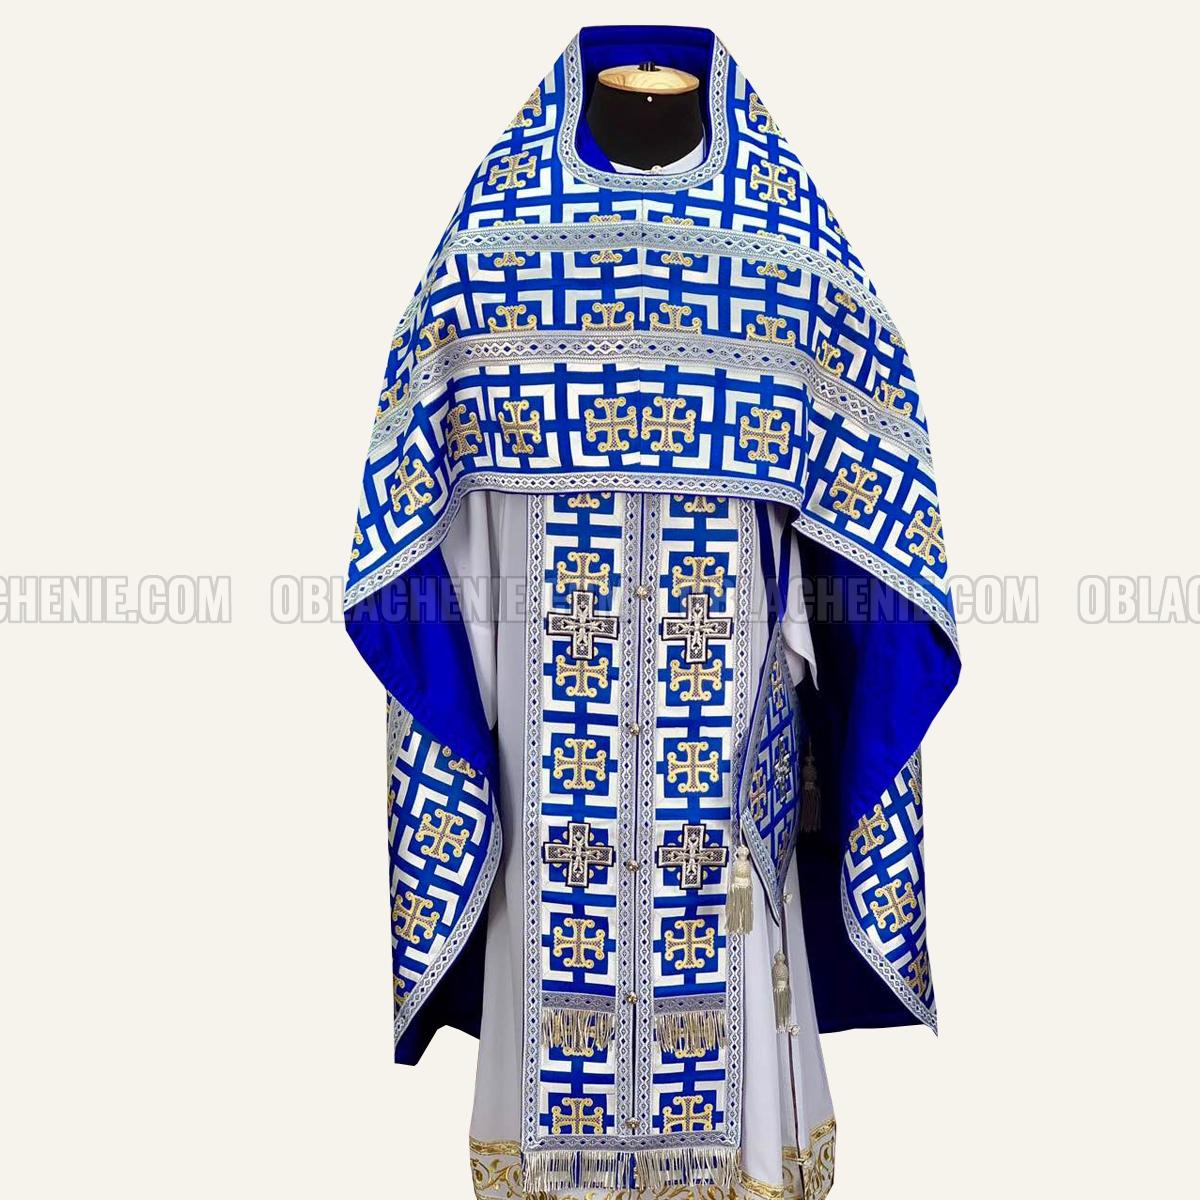 Priest's vestments 10095